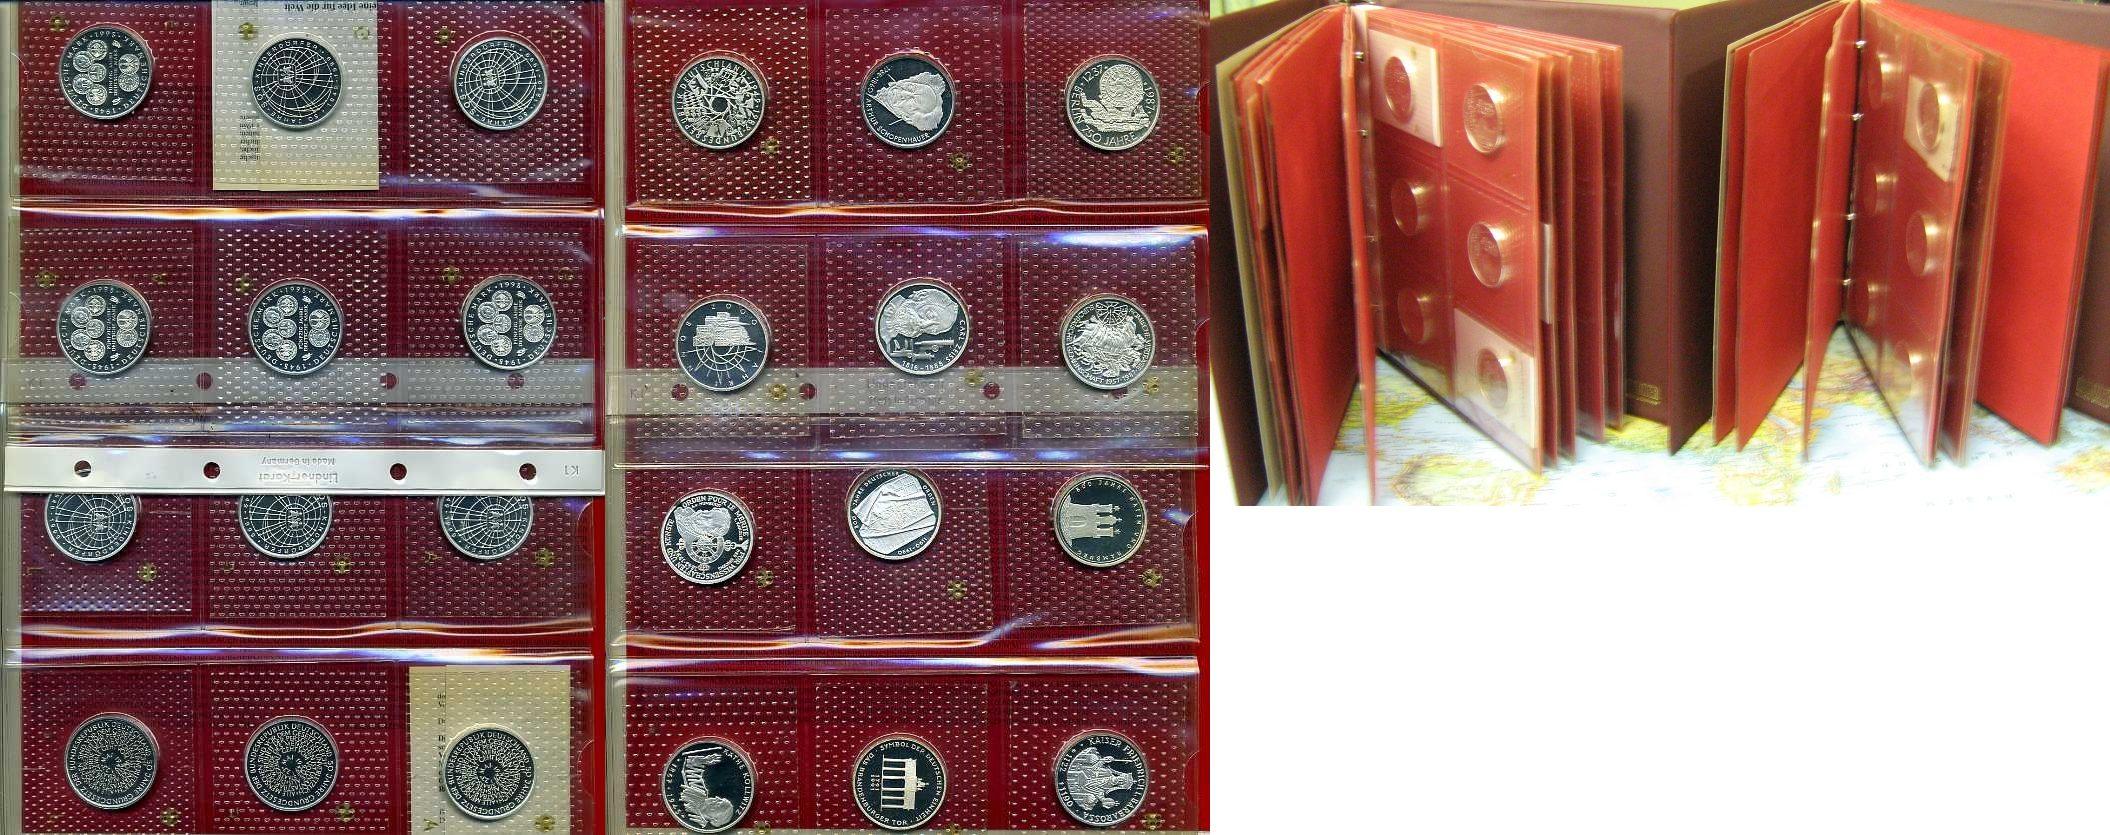 Komplettsammlung 10 DM 1987 - 2001 1987 - 2001 Bundesrepublik Deutschland Sammlung 107 x 10 DM Spiegelglanz Komplettsammlung Spiegelglanz /PP in Originalfolie*